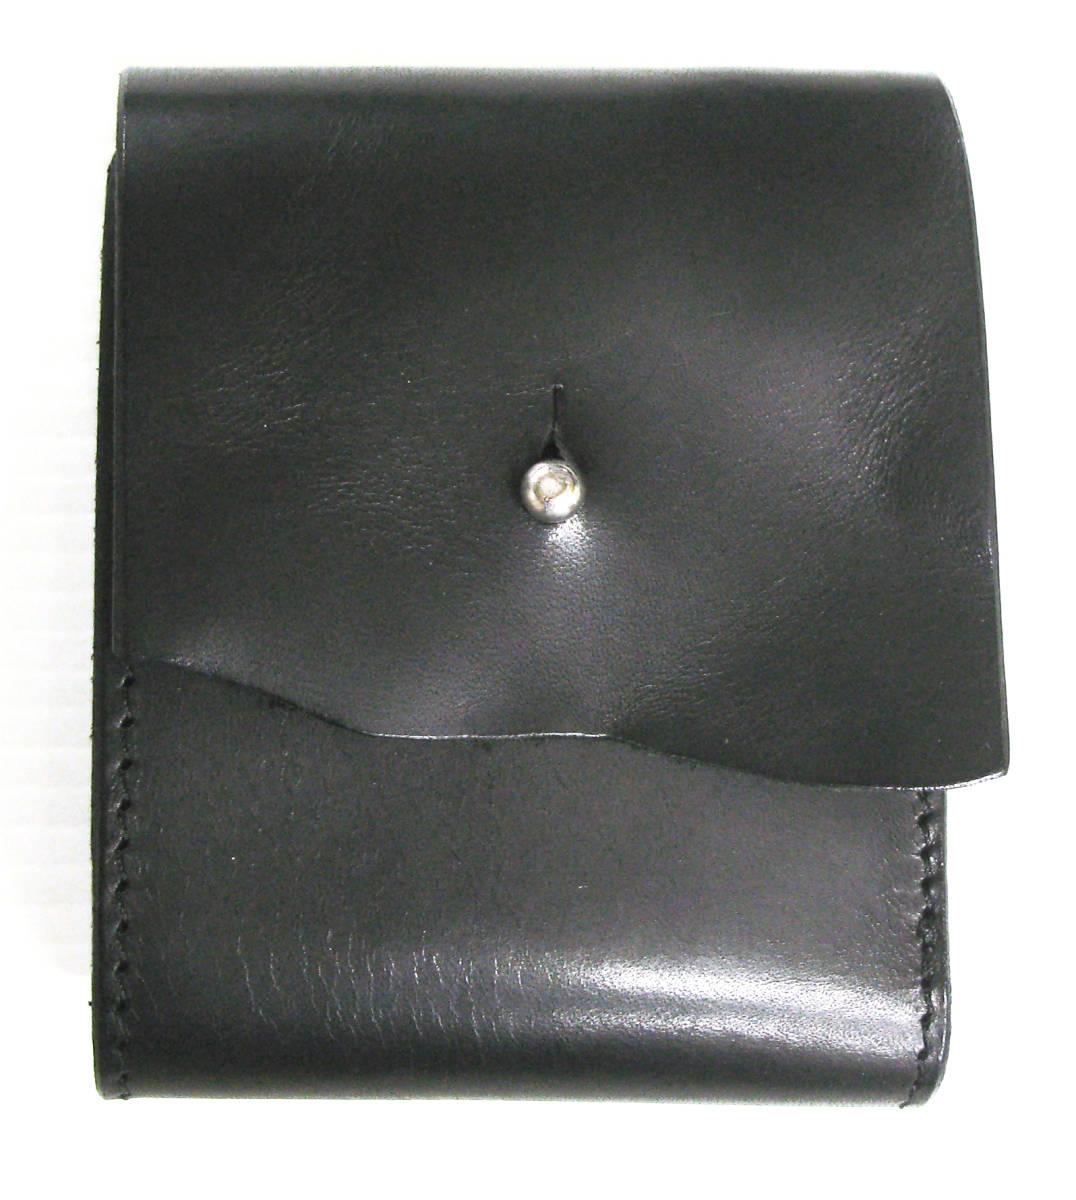 ワイズ:レザー ウォレット 財布 ( ヨウジ Yohji Yamamoto wallet 本革_画像1